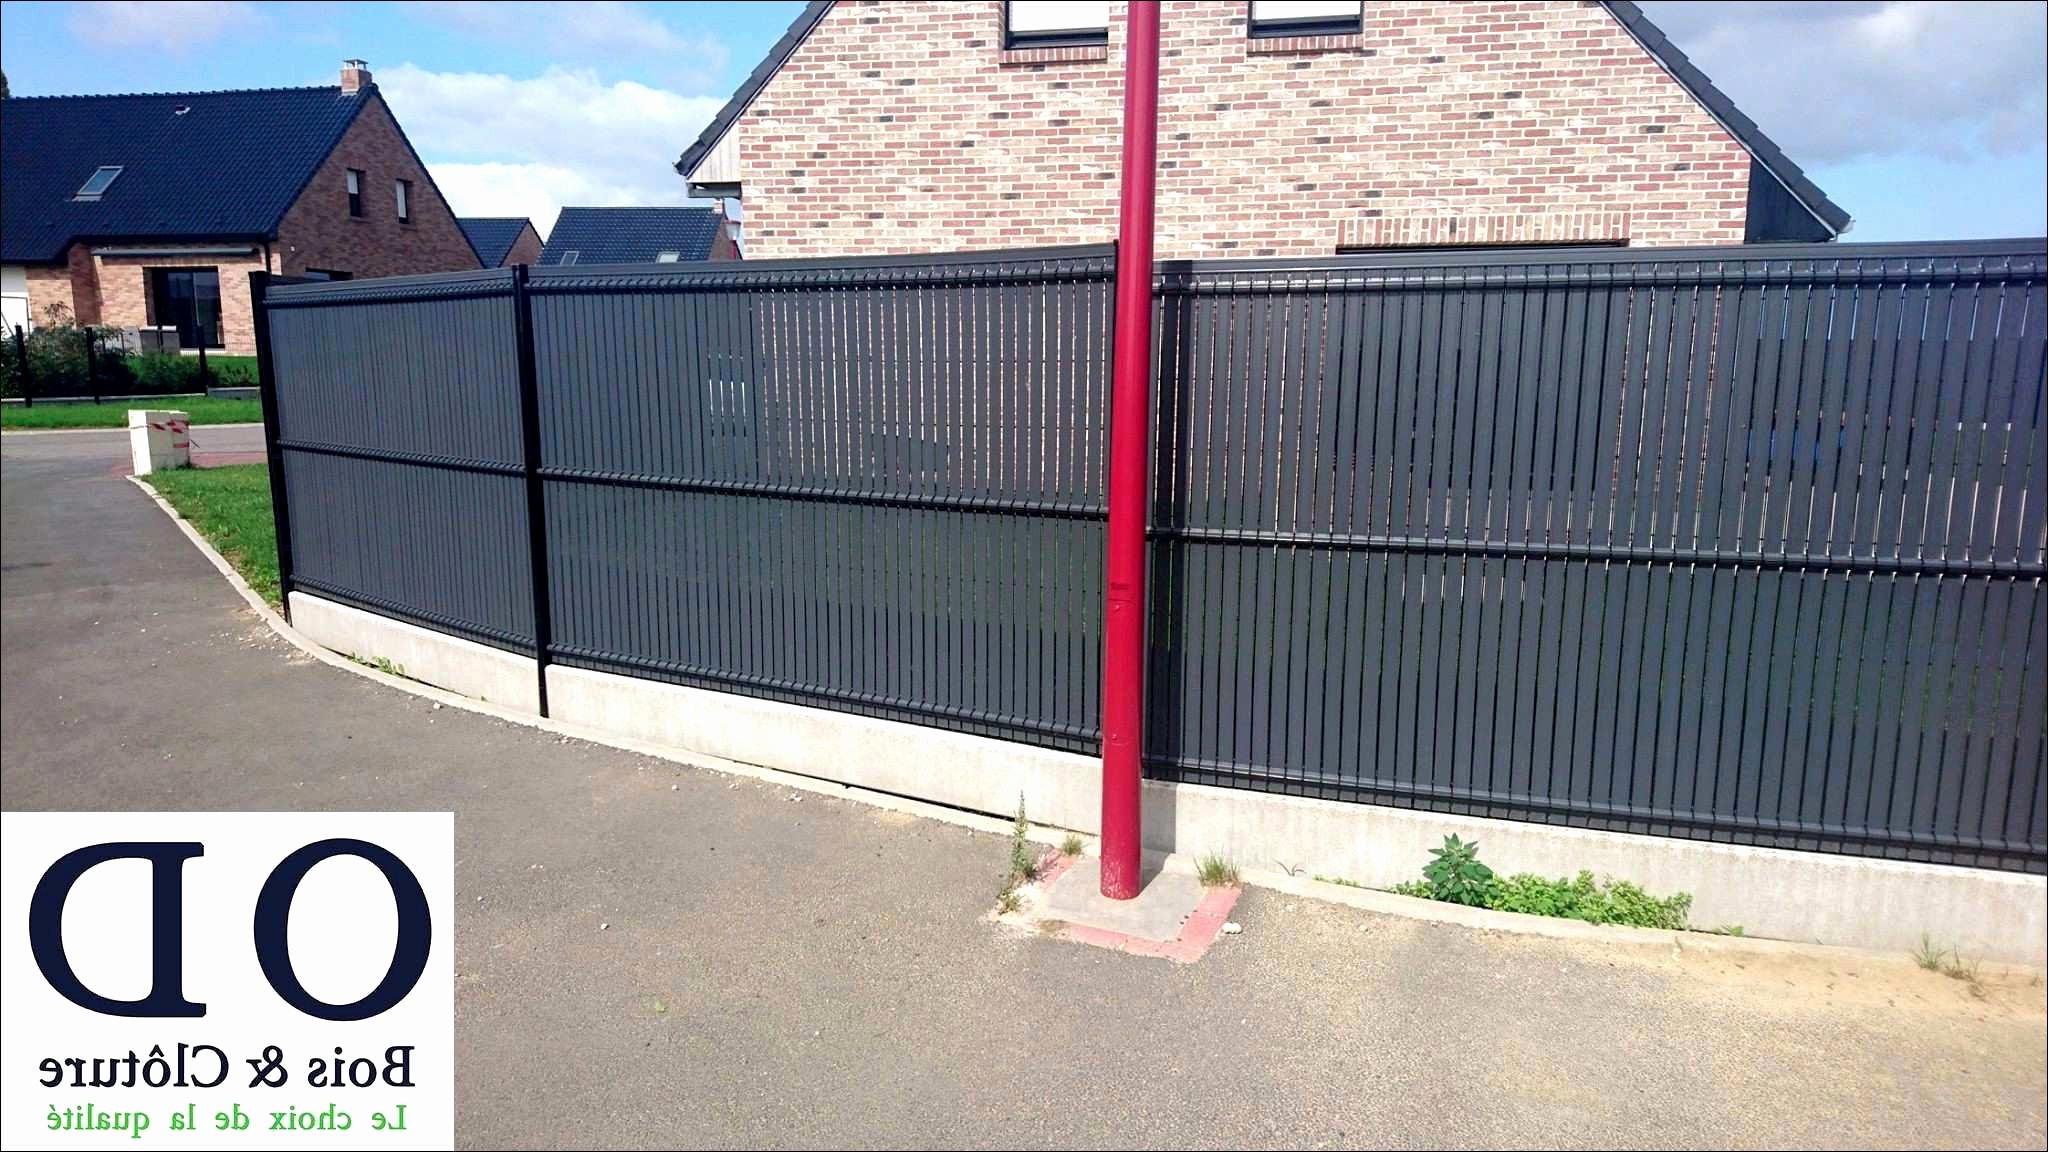 Rouleau Jardin Brico Depot Frais 67 Génial De Sangle A ... pour Dalle Jardin Brico Depot